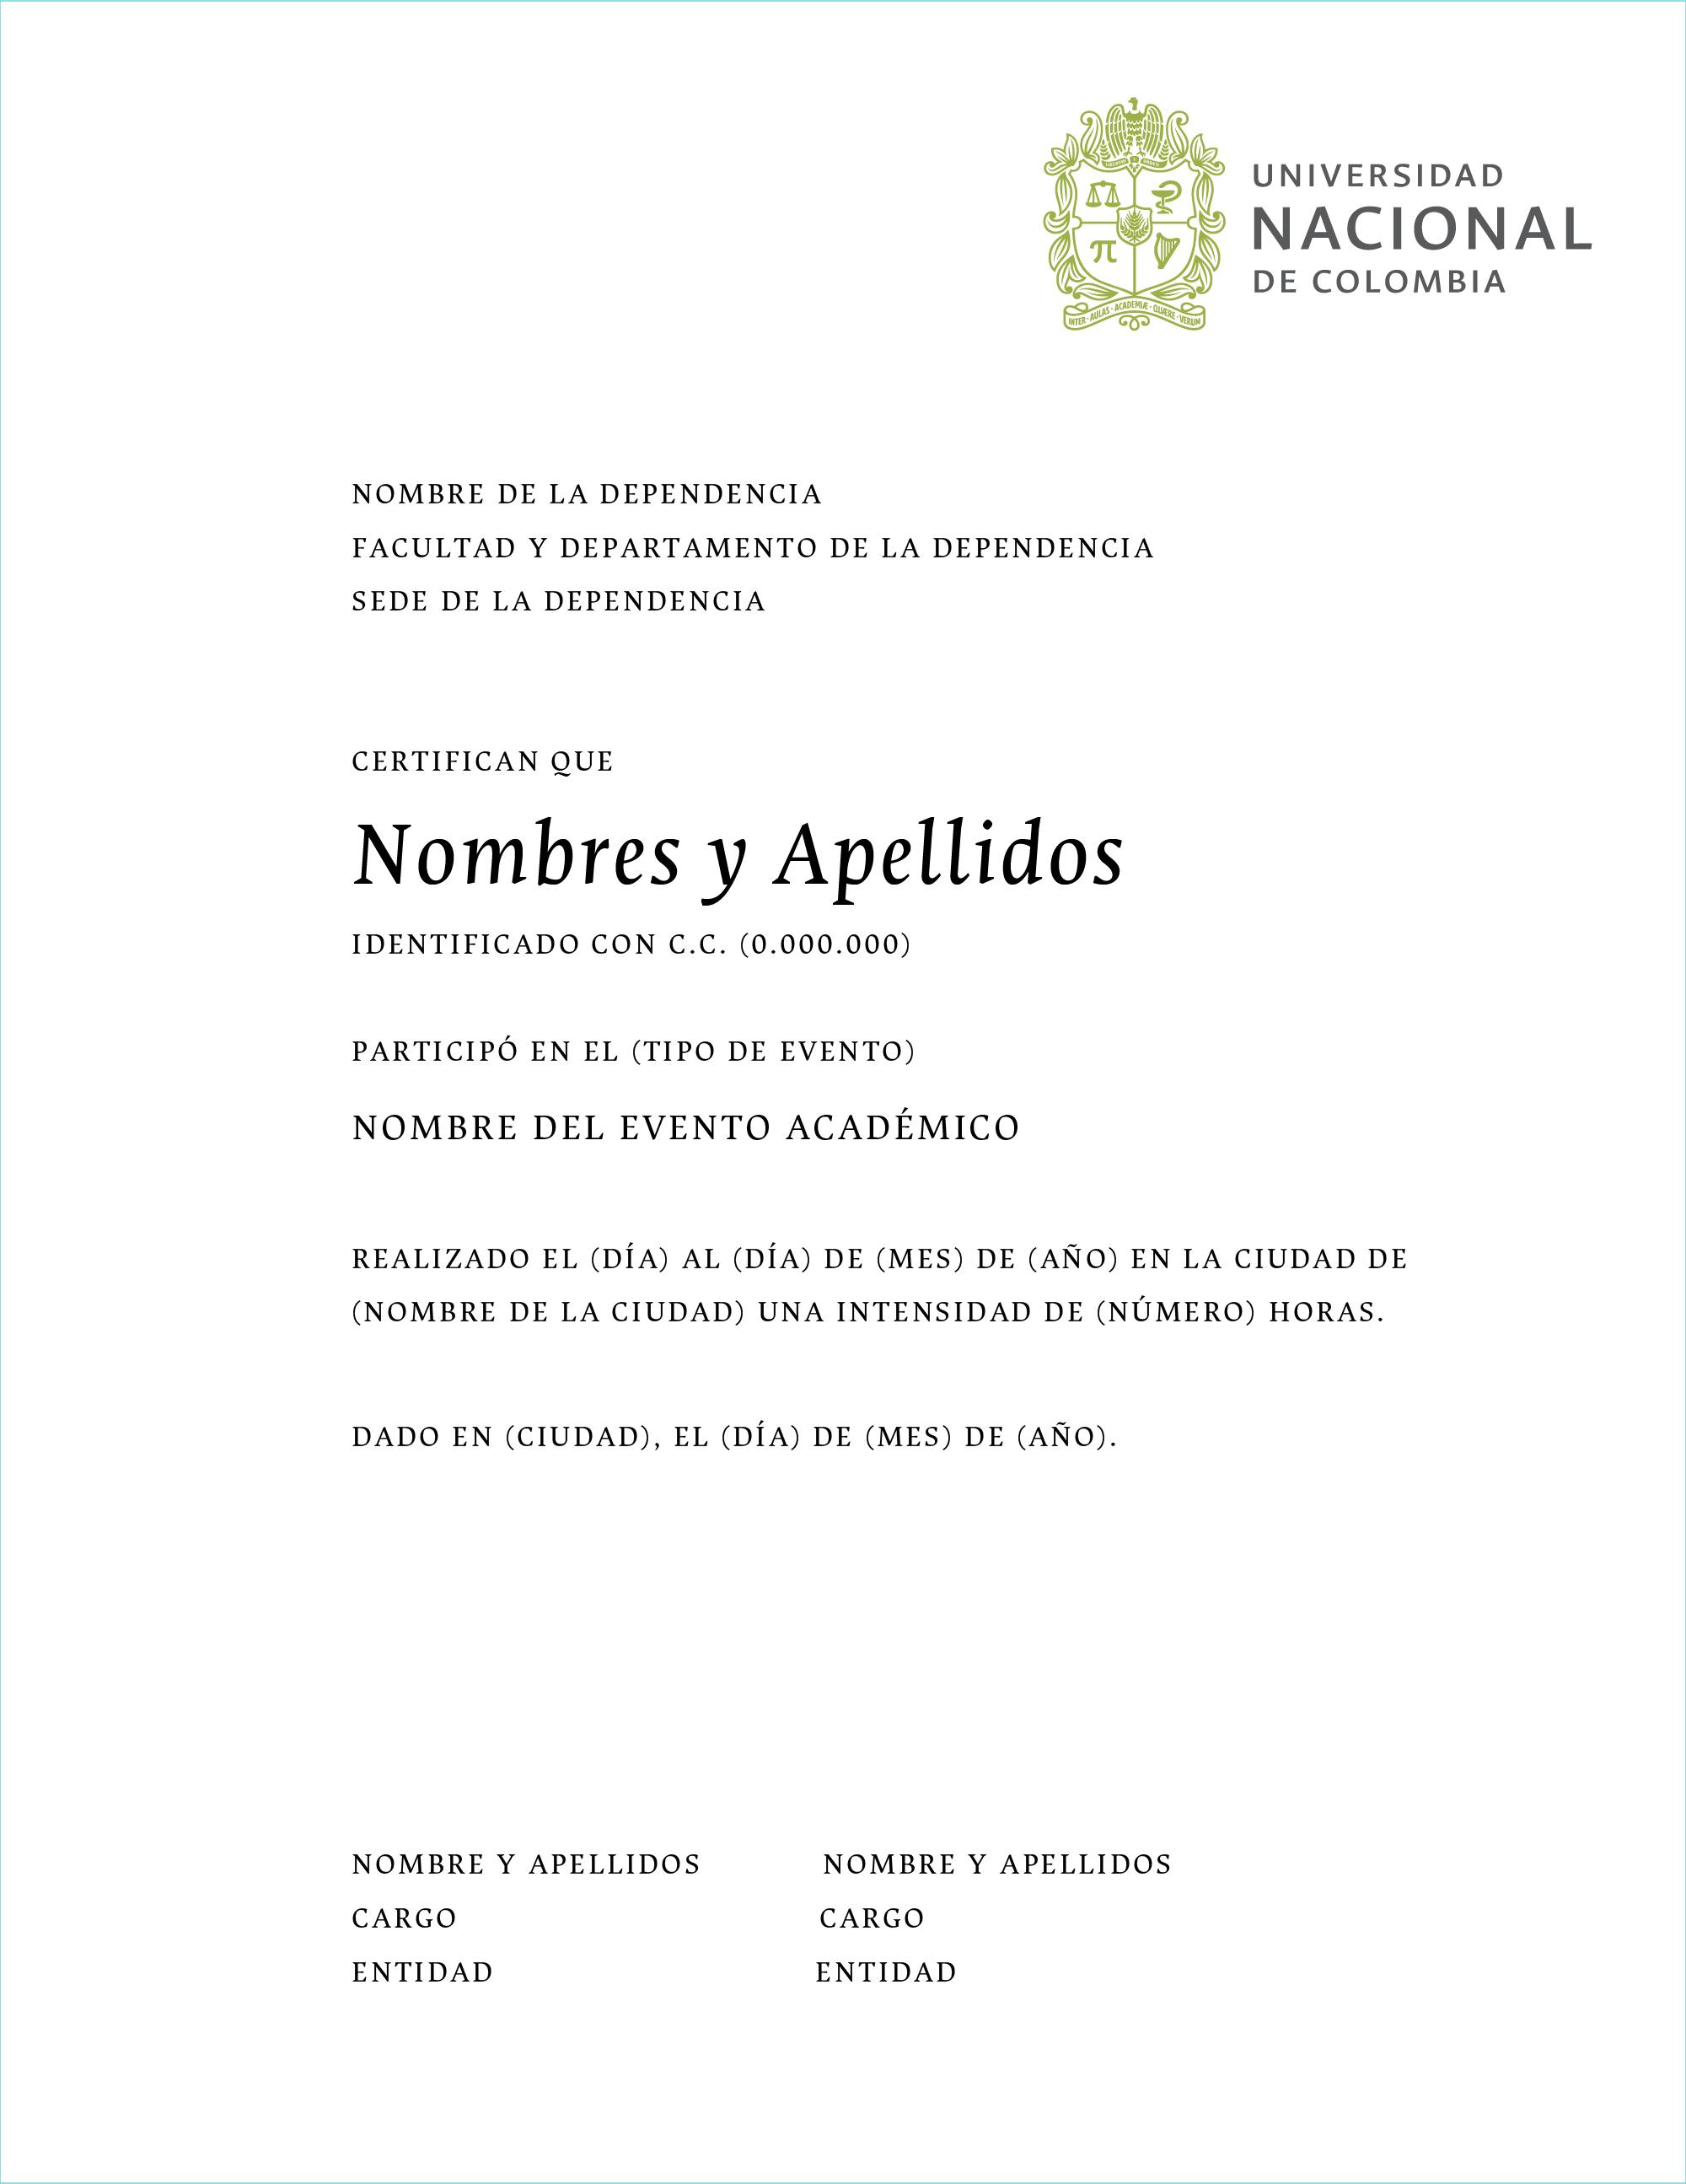 Modelo para certificados